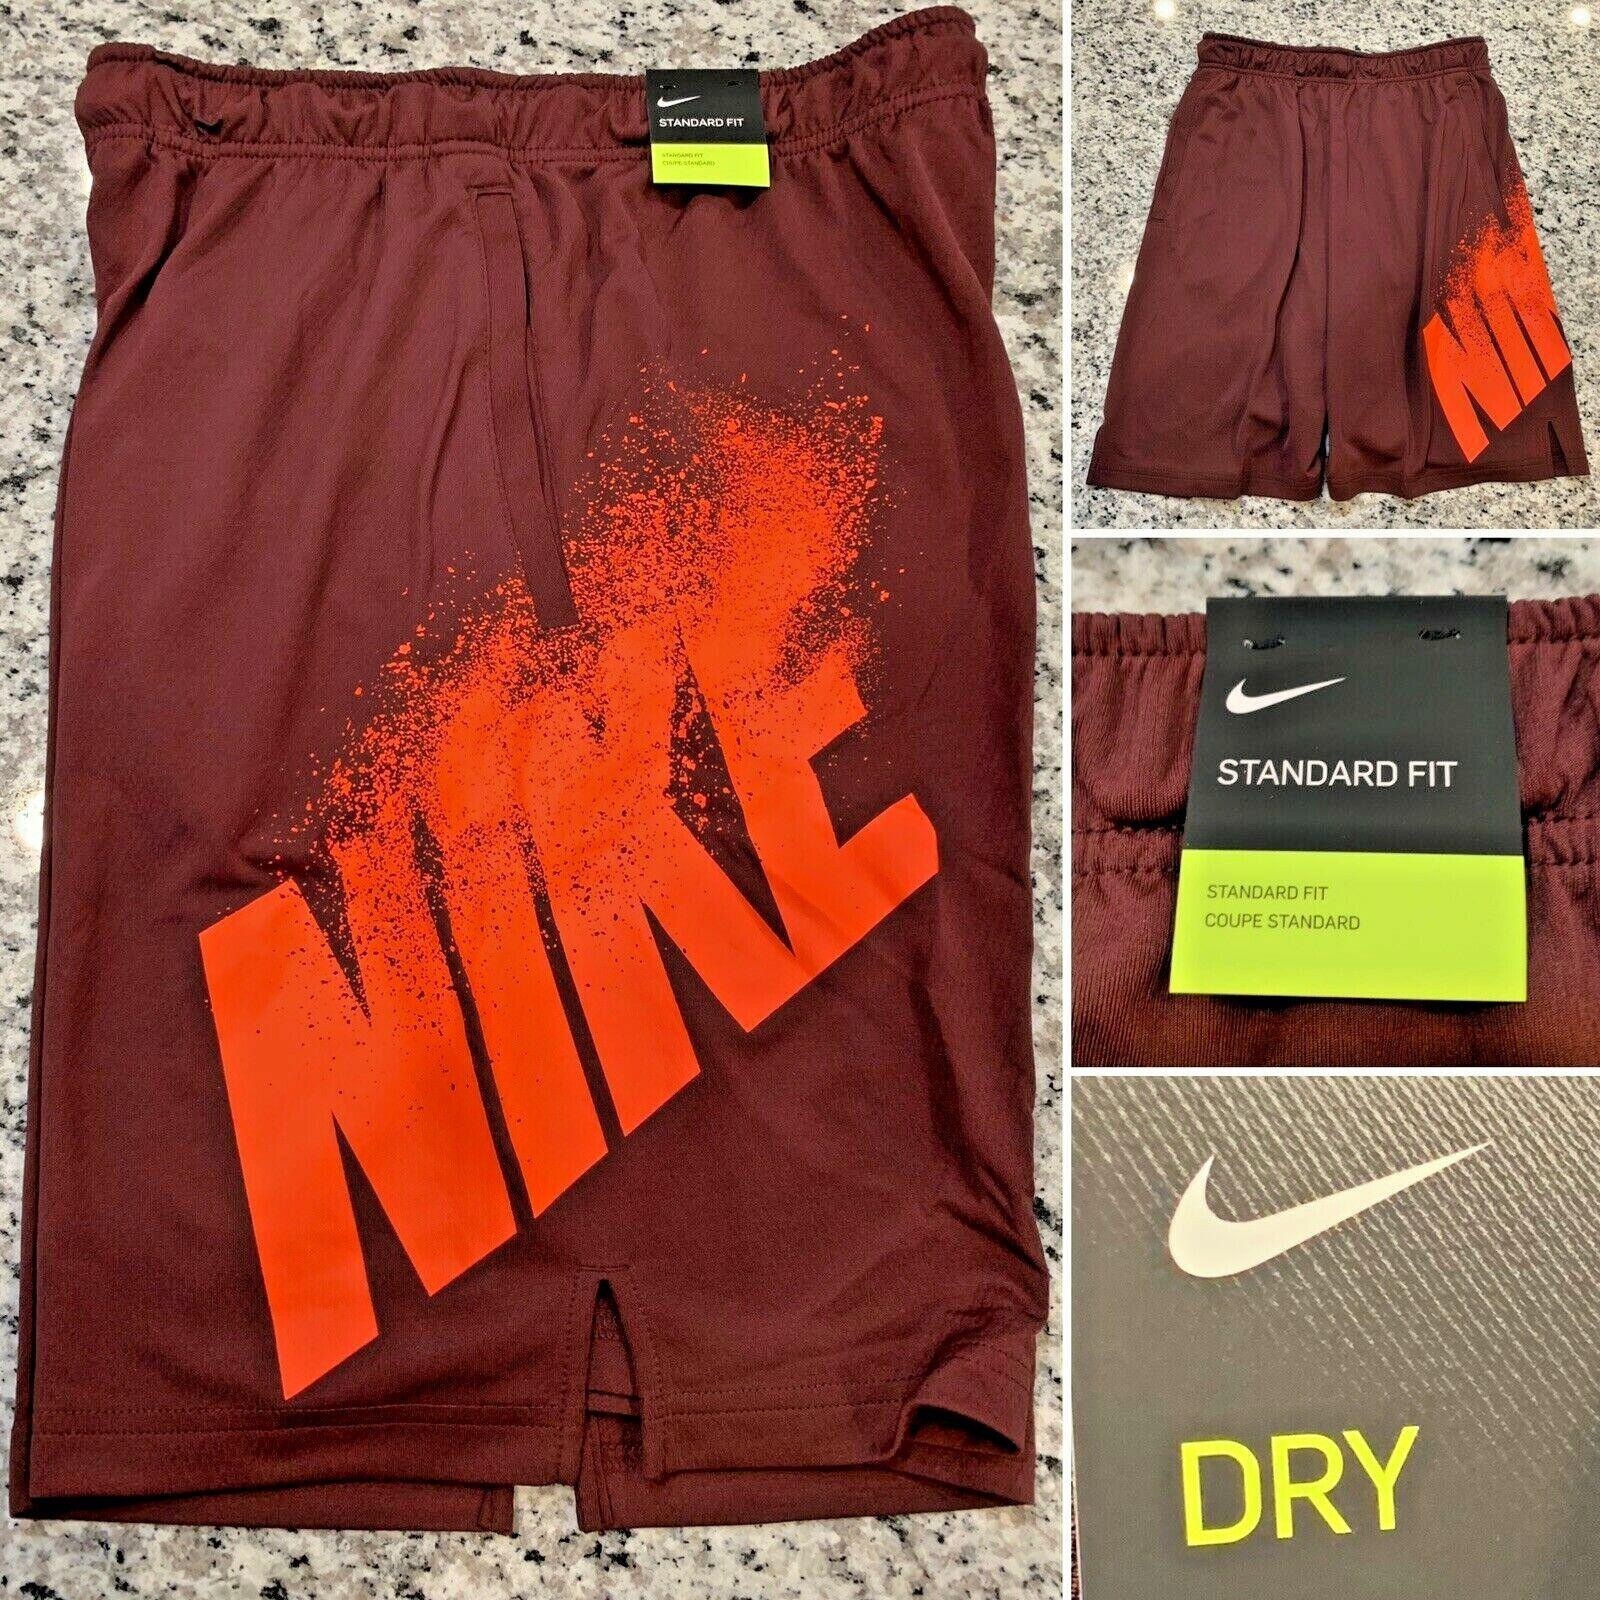 NIKE Dri Fit Maroon Running Training Shorts Mens Sz M NWT Standard Fit NEW